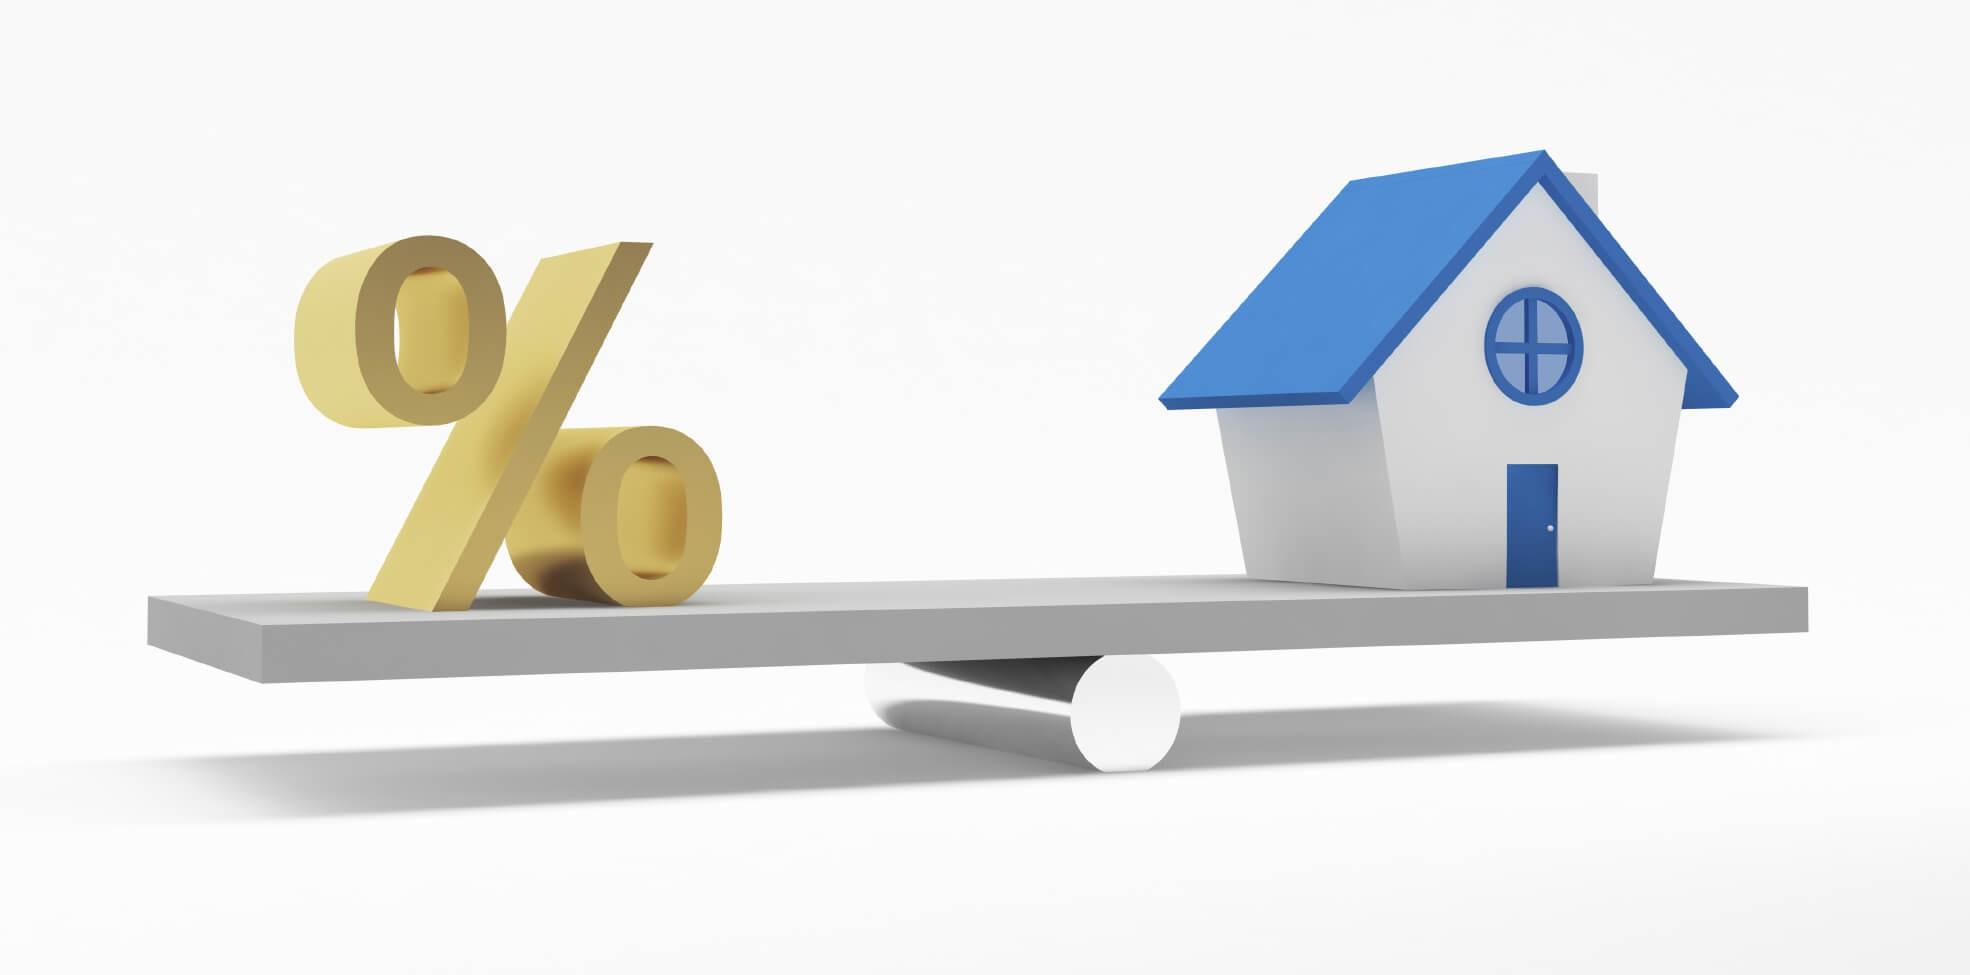 когда подешевеет процент по ипотеке уже суждено